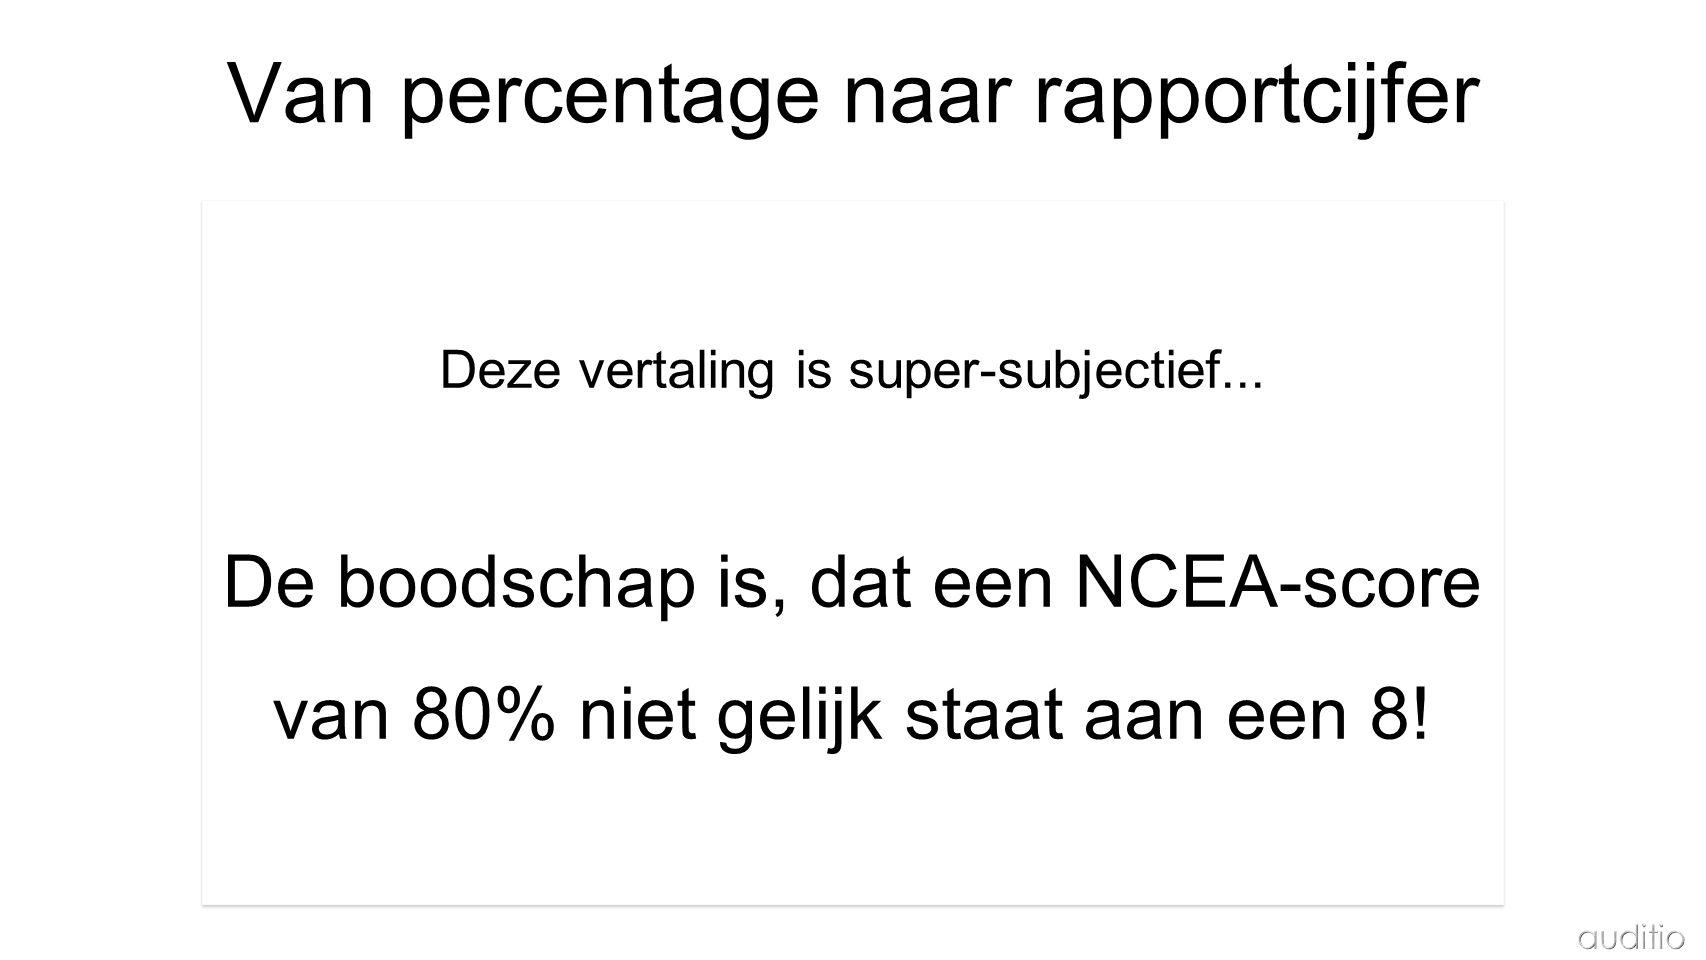 Van percentage naar rapportcijfer beoordeling ⇒ Deze vertaling is super-subjectief... De boodschap is, dat een NCEA-score van 80% niet gelijk staat aa